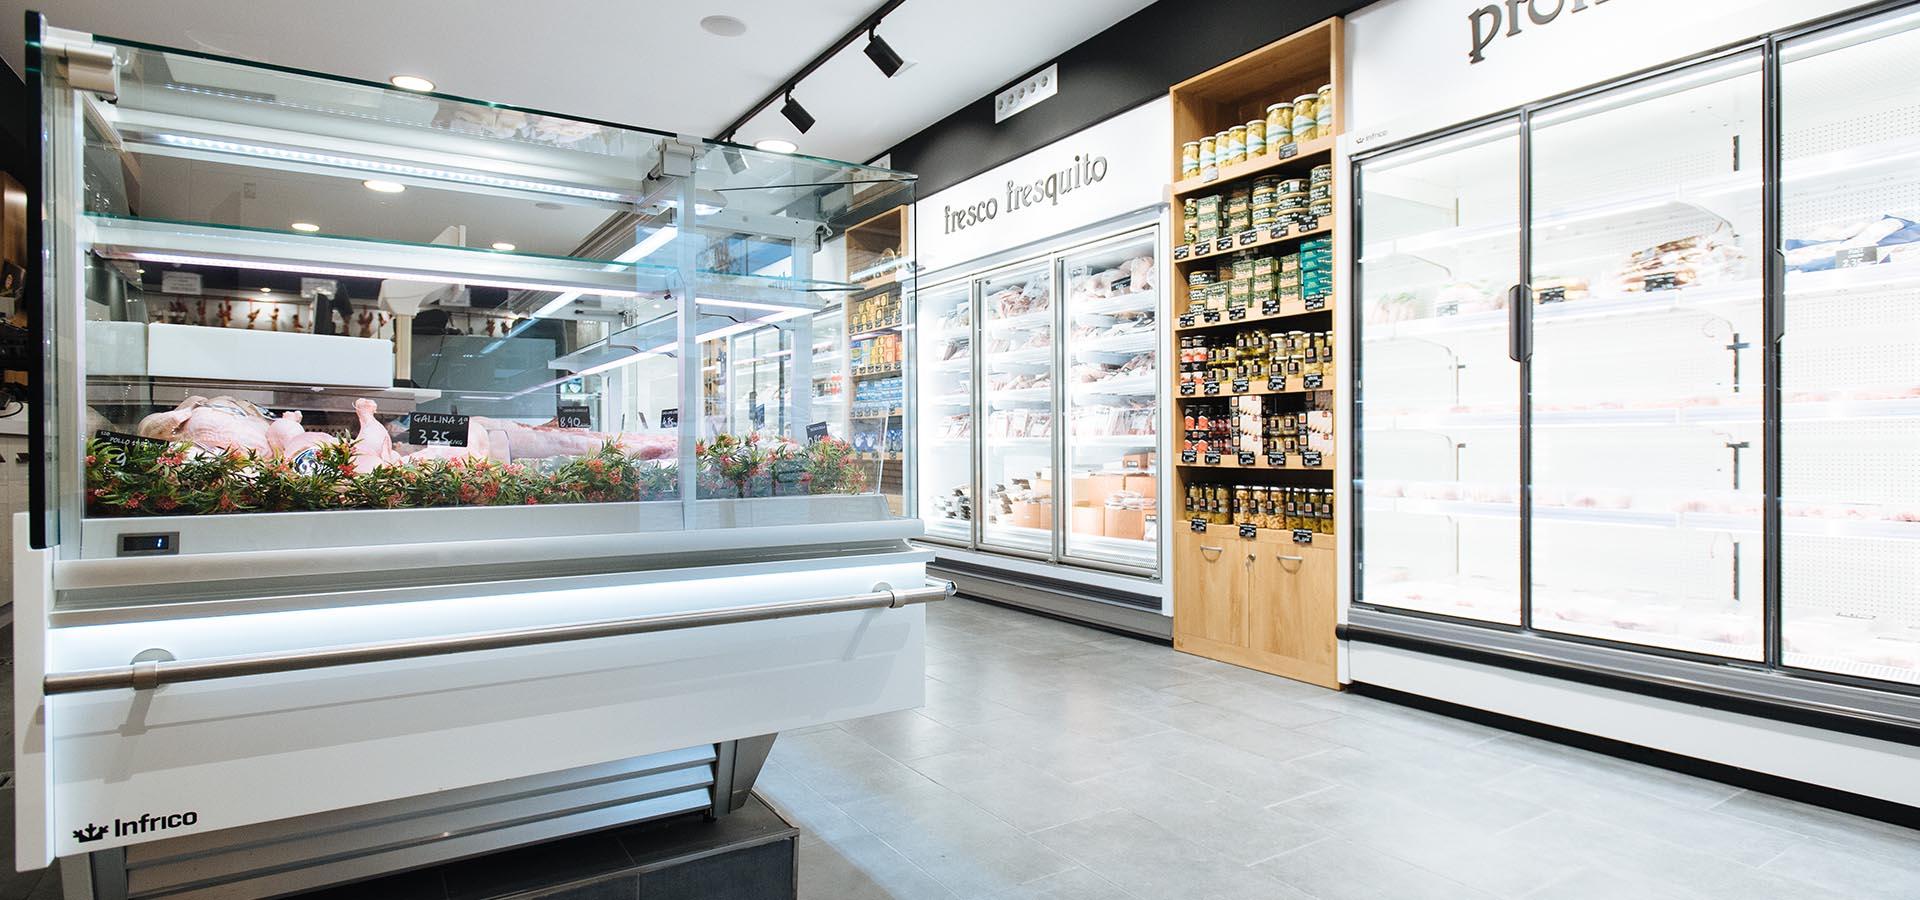 equipamiento para supermercados - vitrinas supermercados - pescaderías - carnicerías